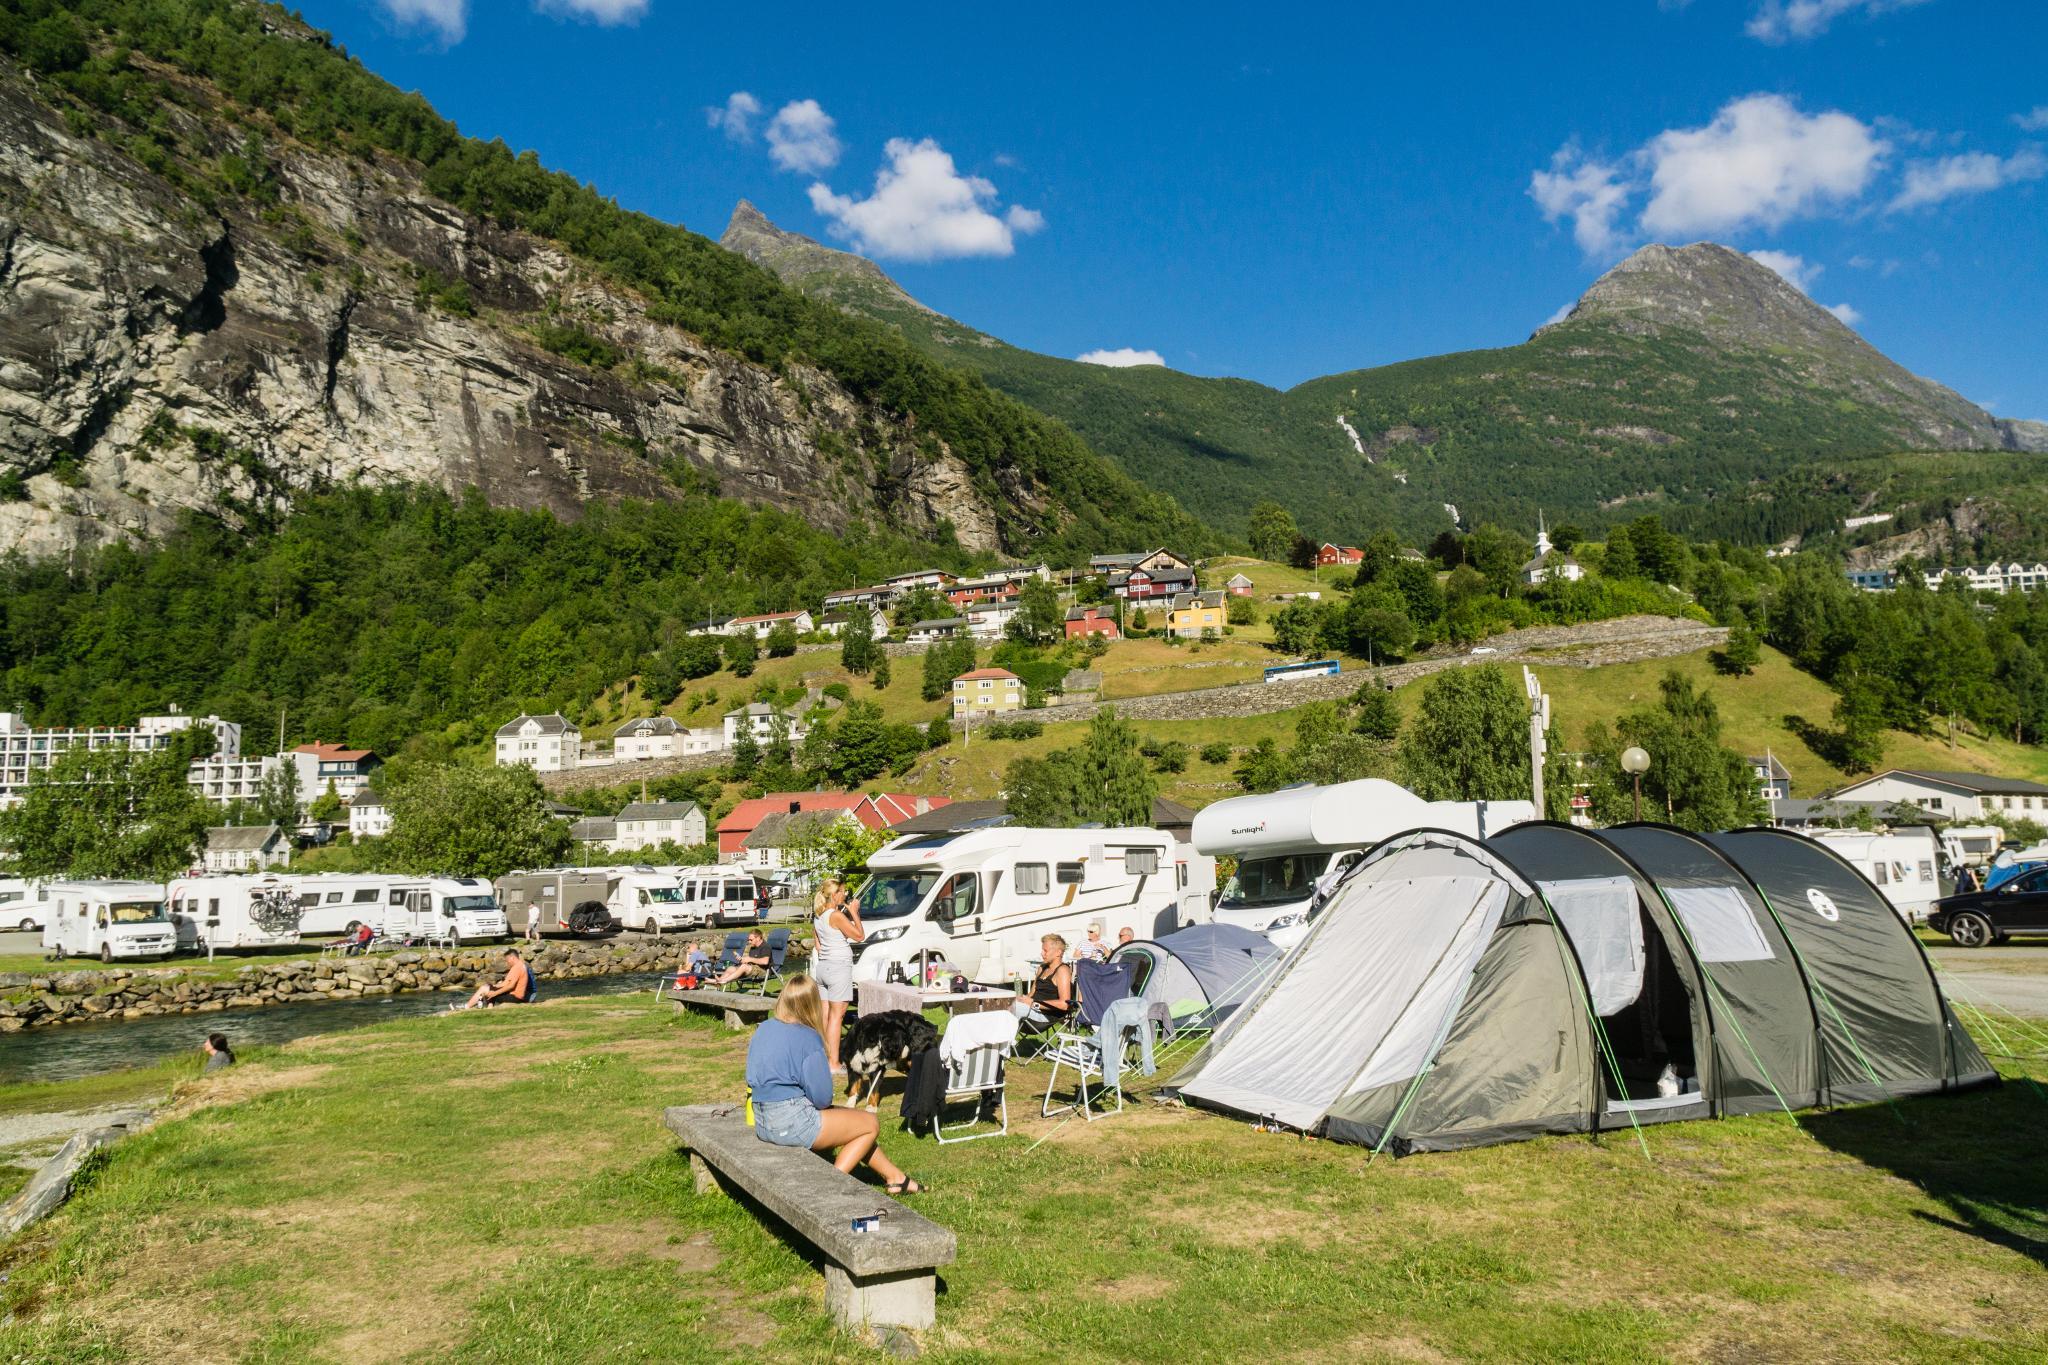 【北歐露營】在世界遺產峽灣旁露營 — 坐擁壯闊海景第一排的 Geiranger Camping 7